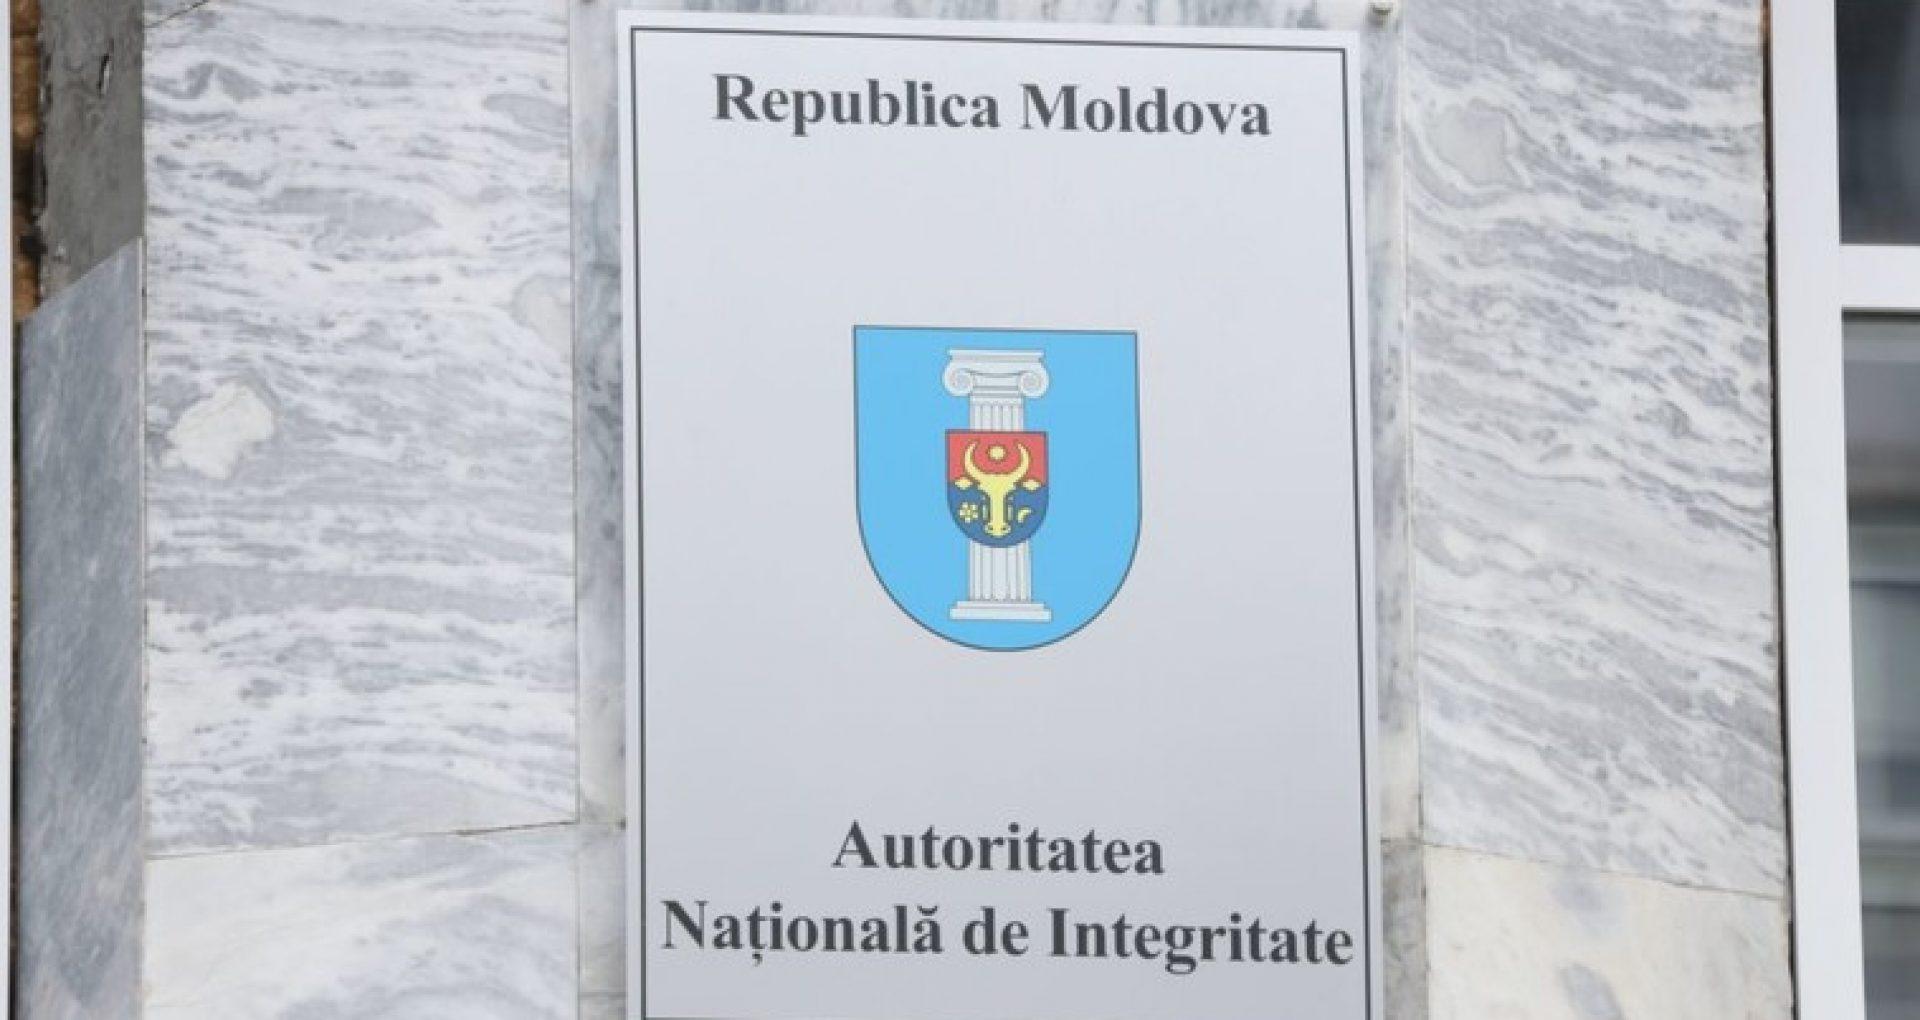 DOC/ Poziția ANI față de noul proiect de lege inclus pe ordinea de zi a ședinței Parlamentului, cu privire la modificarea legii ANI